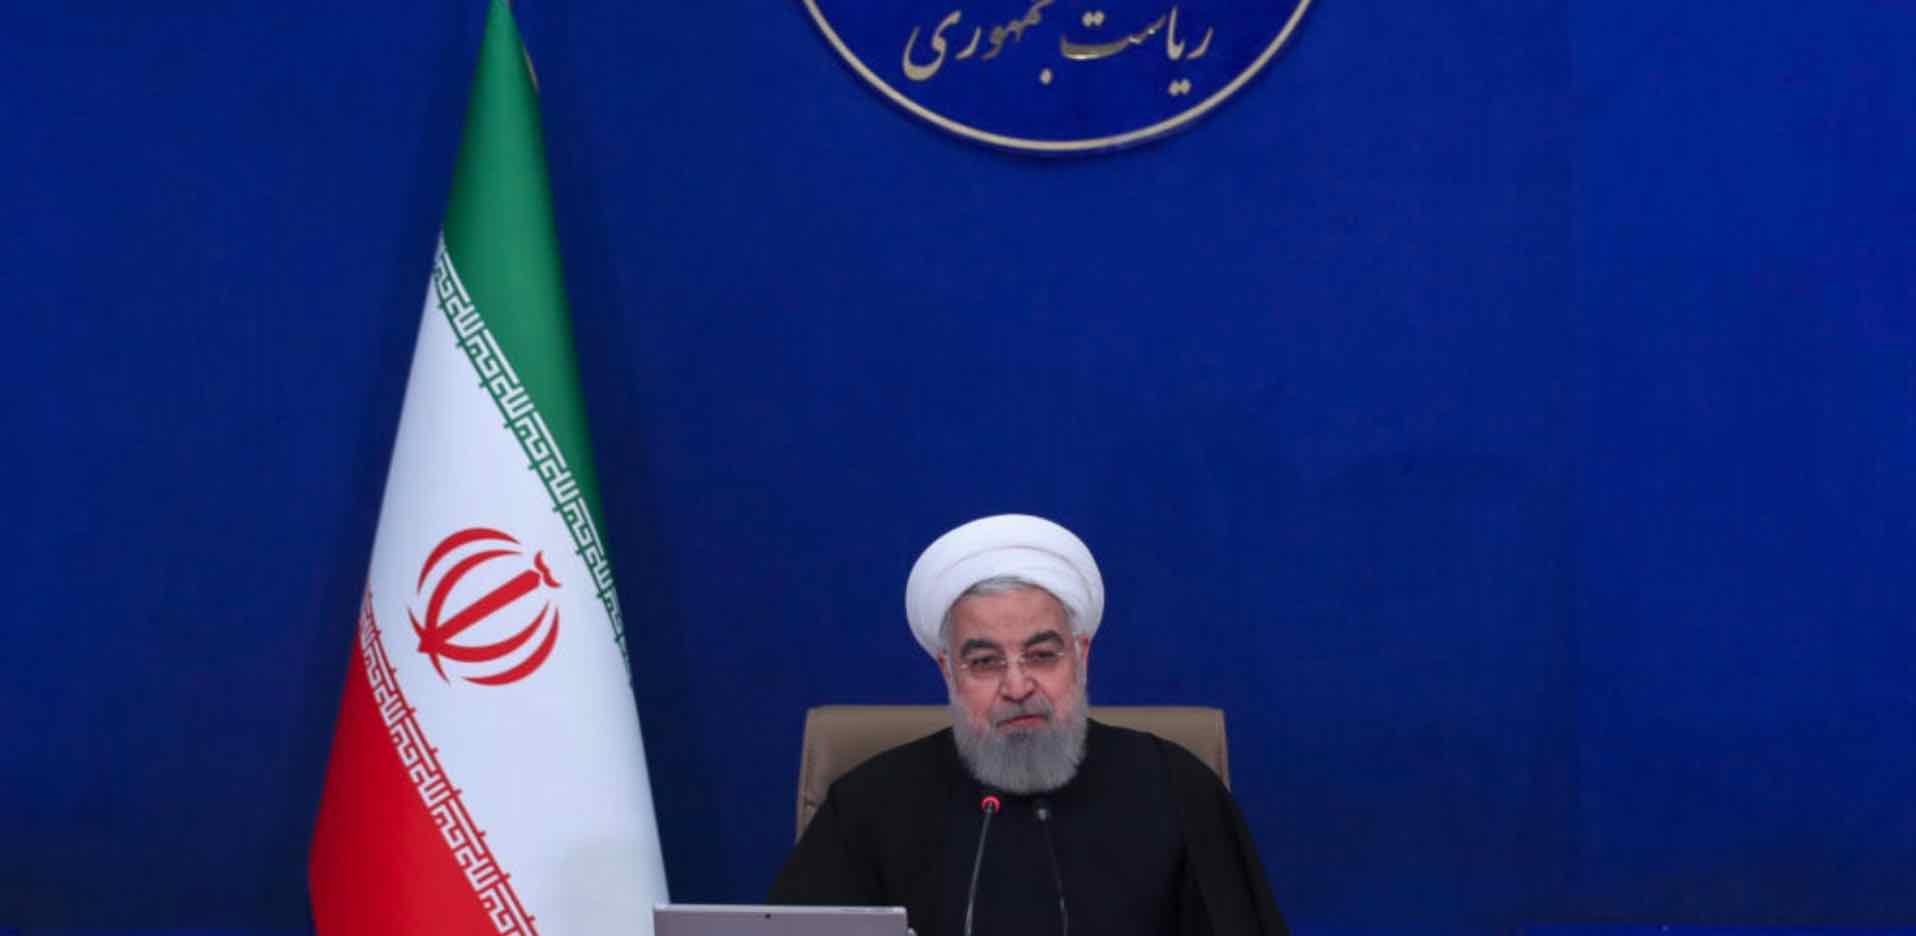 Hassan Rouhani, Irán